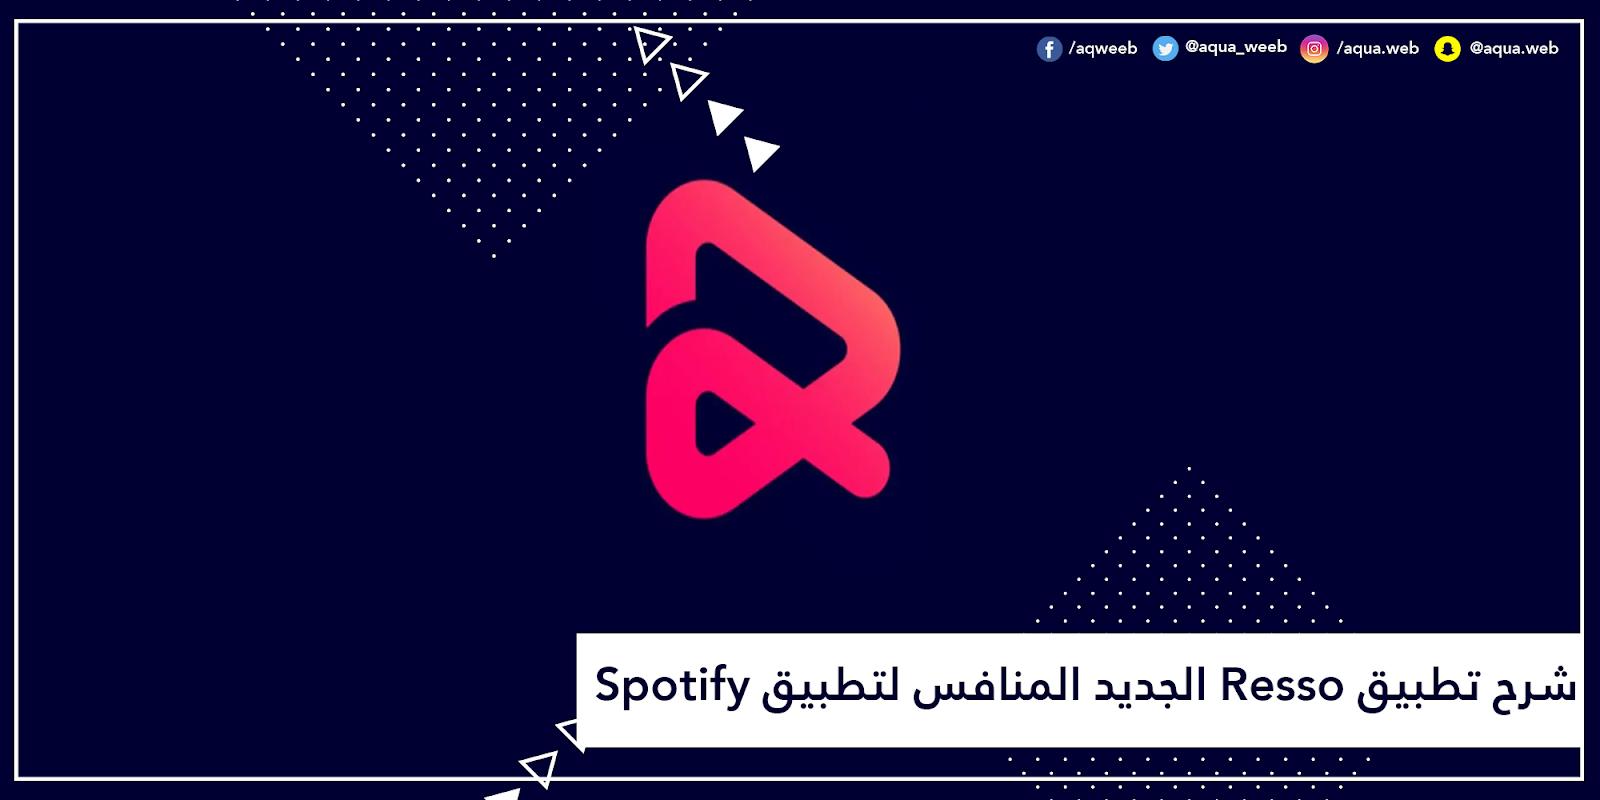 شرح تطبيق Resso الجديد المنافس لتطبيق Spotify